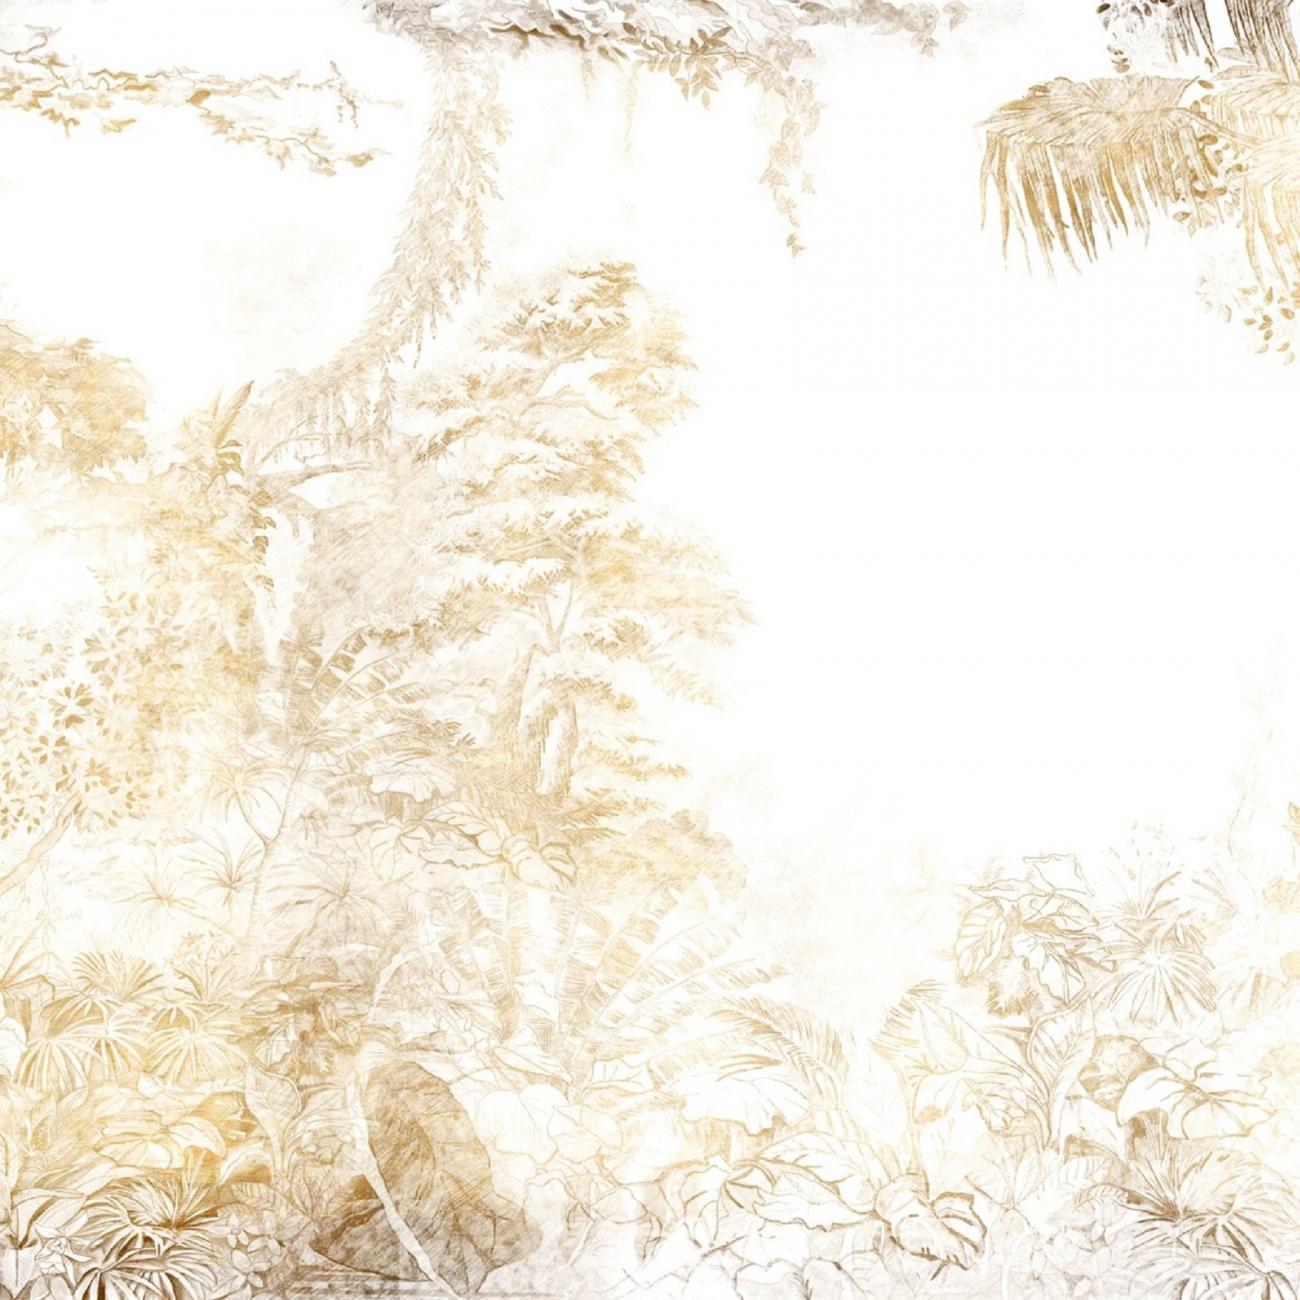 GLAMORA WALLCOVERING SAIGON GARDEN